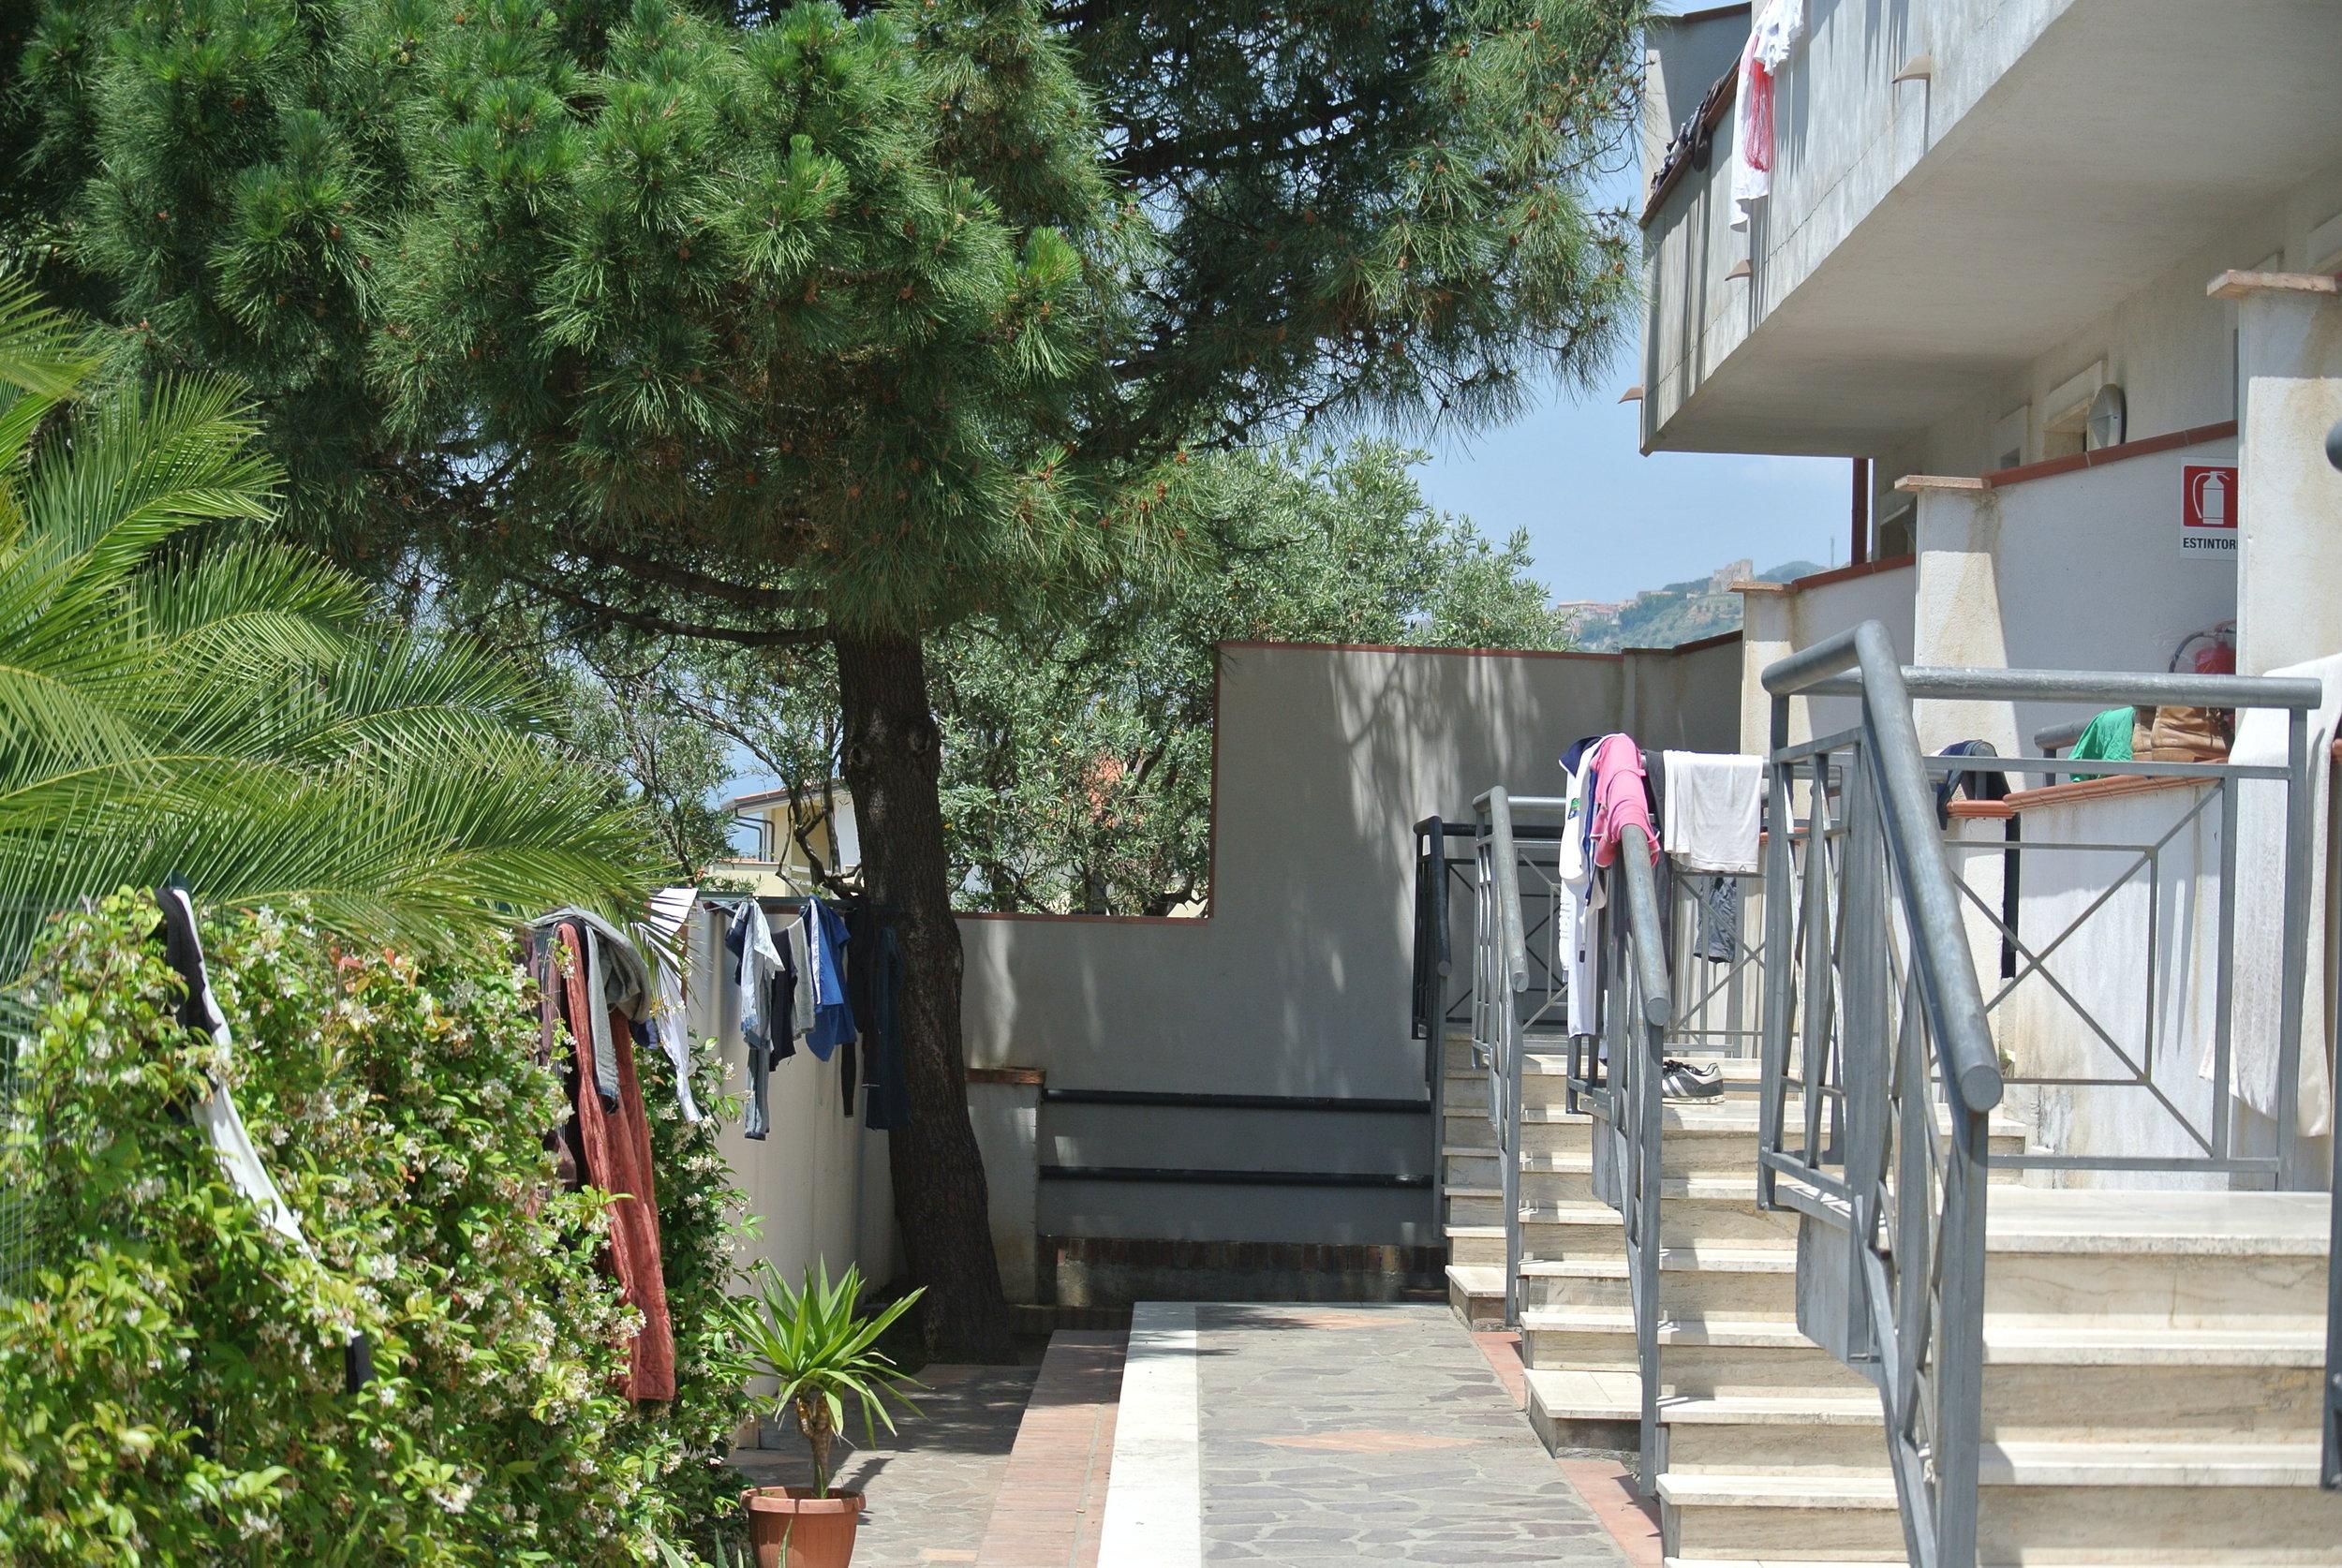 Laundry on the balconies. Longobardi, Italy; 30 May 2018. ©Pamela Kerpius